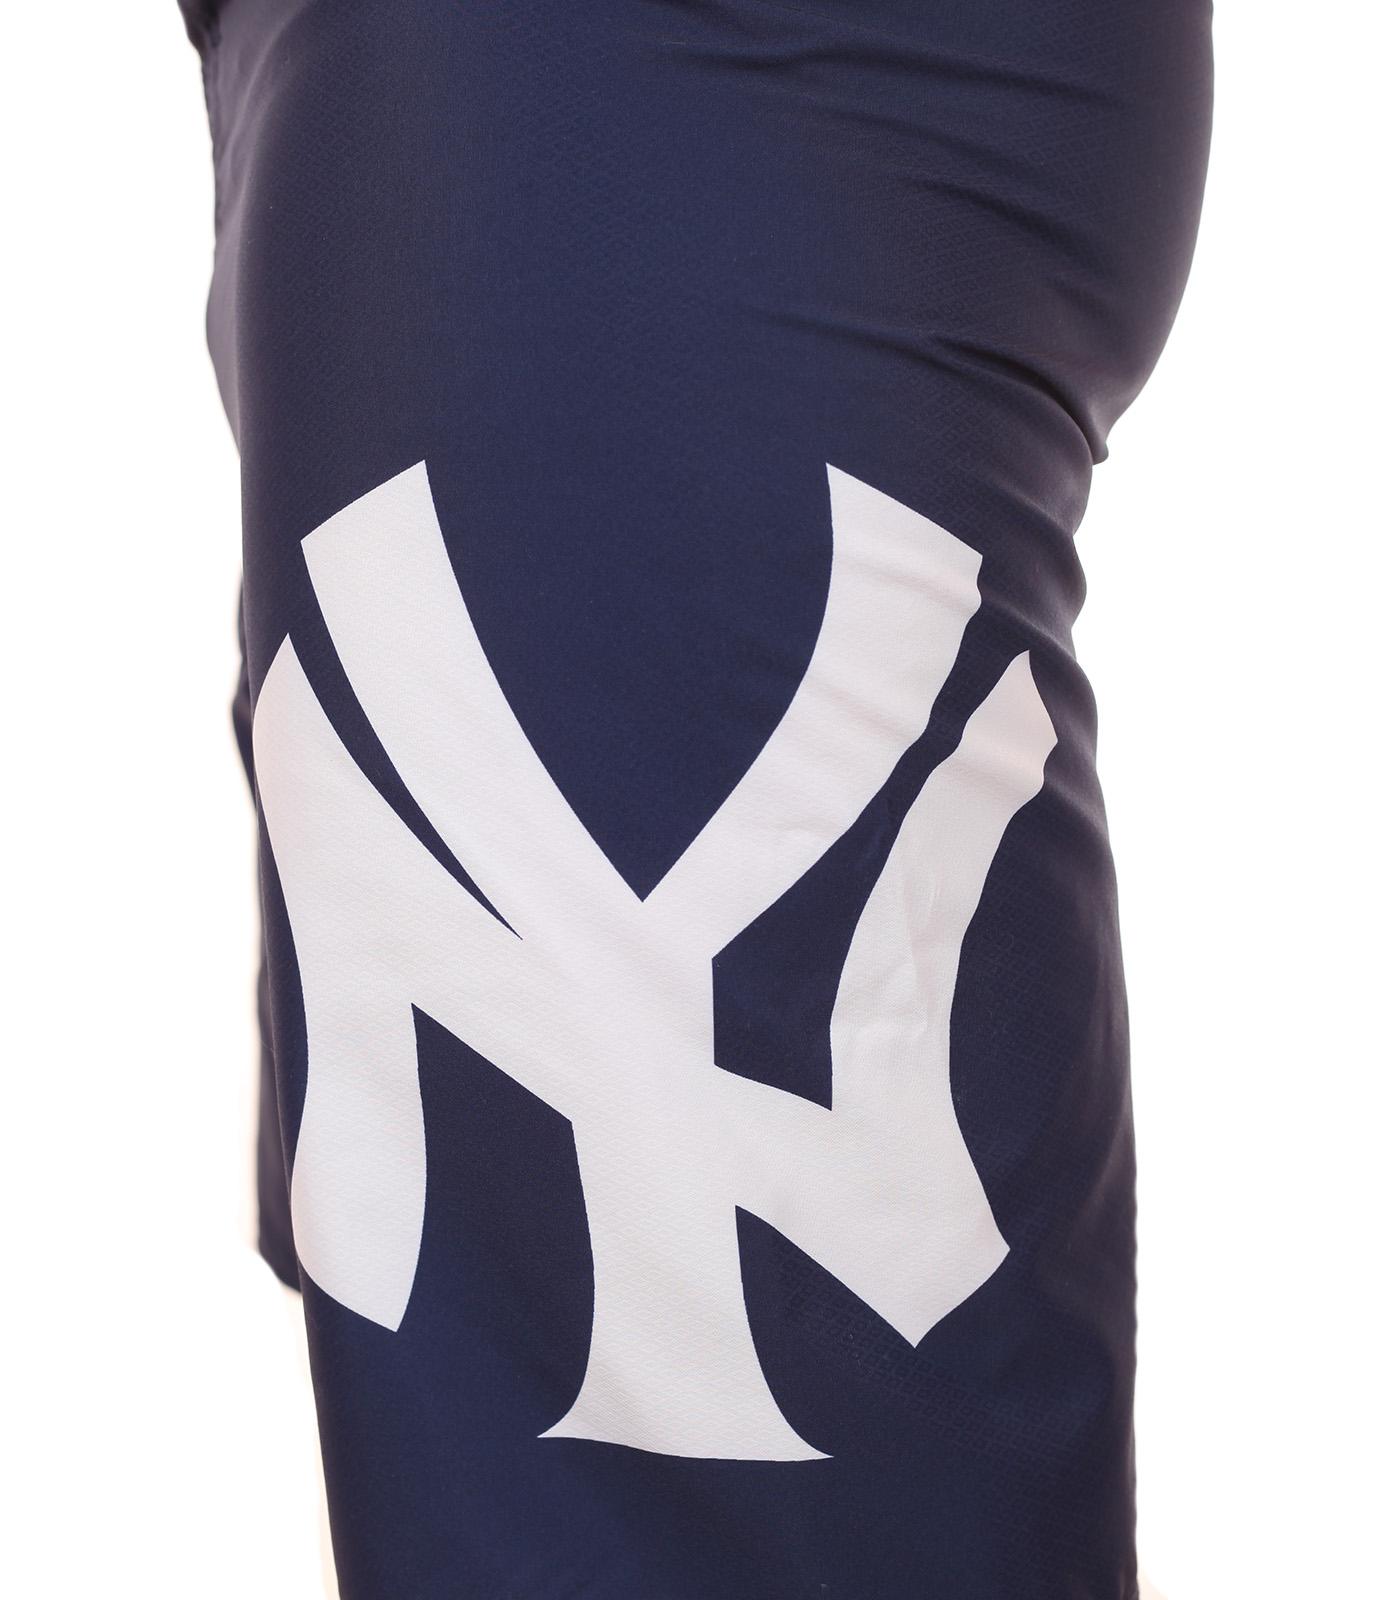 Топовые бордшорты с логотипом бейсбольного клуба MLB New York Yankees - вид сбоку